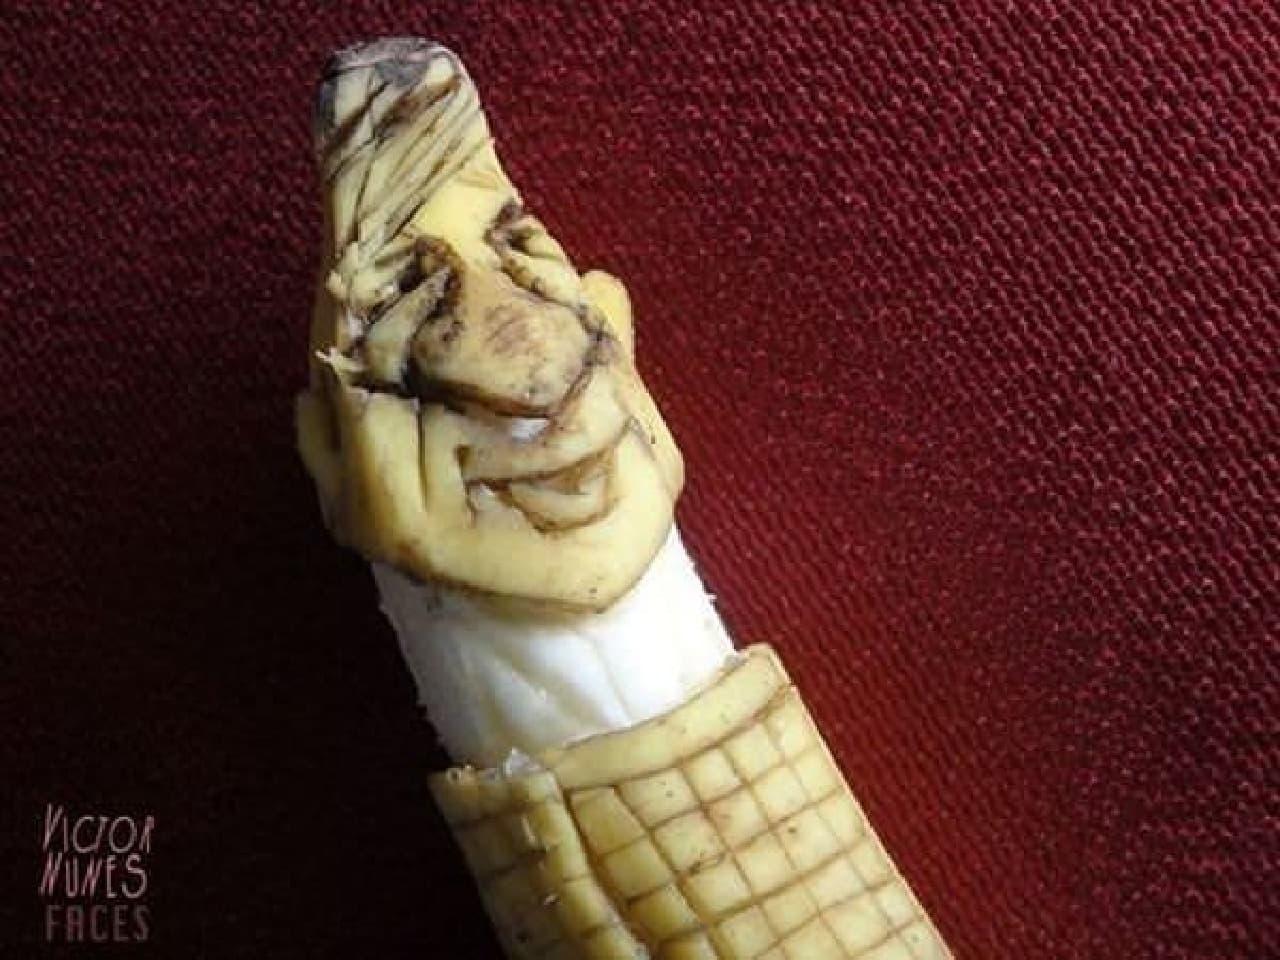 ダンディに微笑む男性